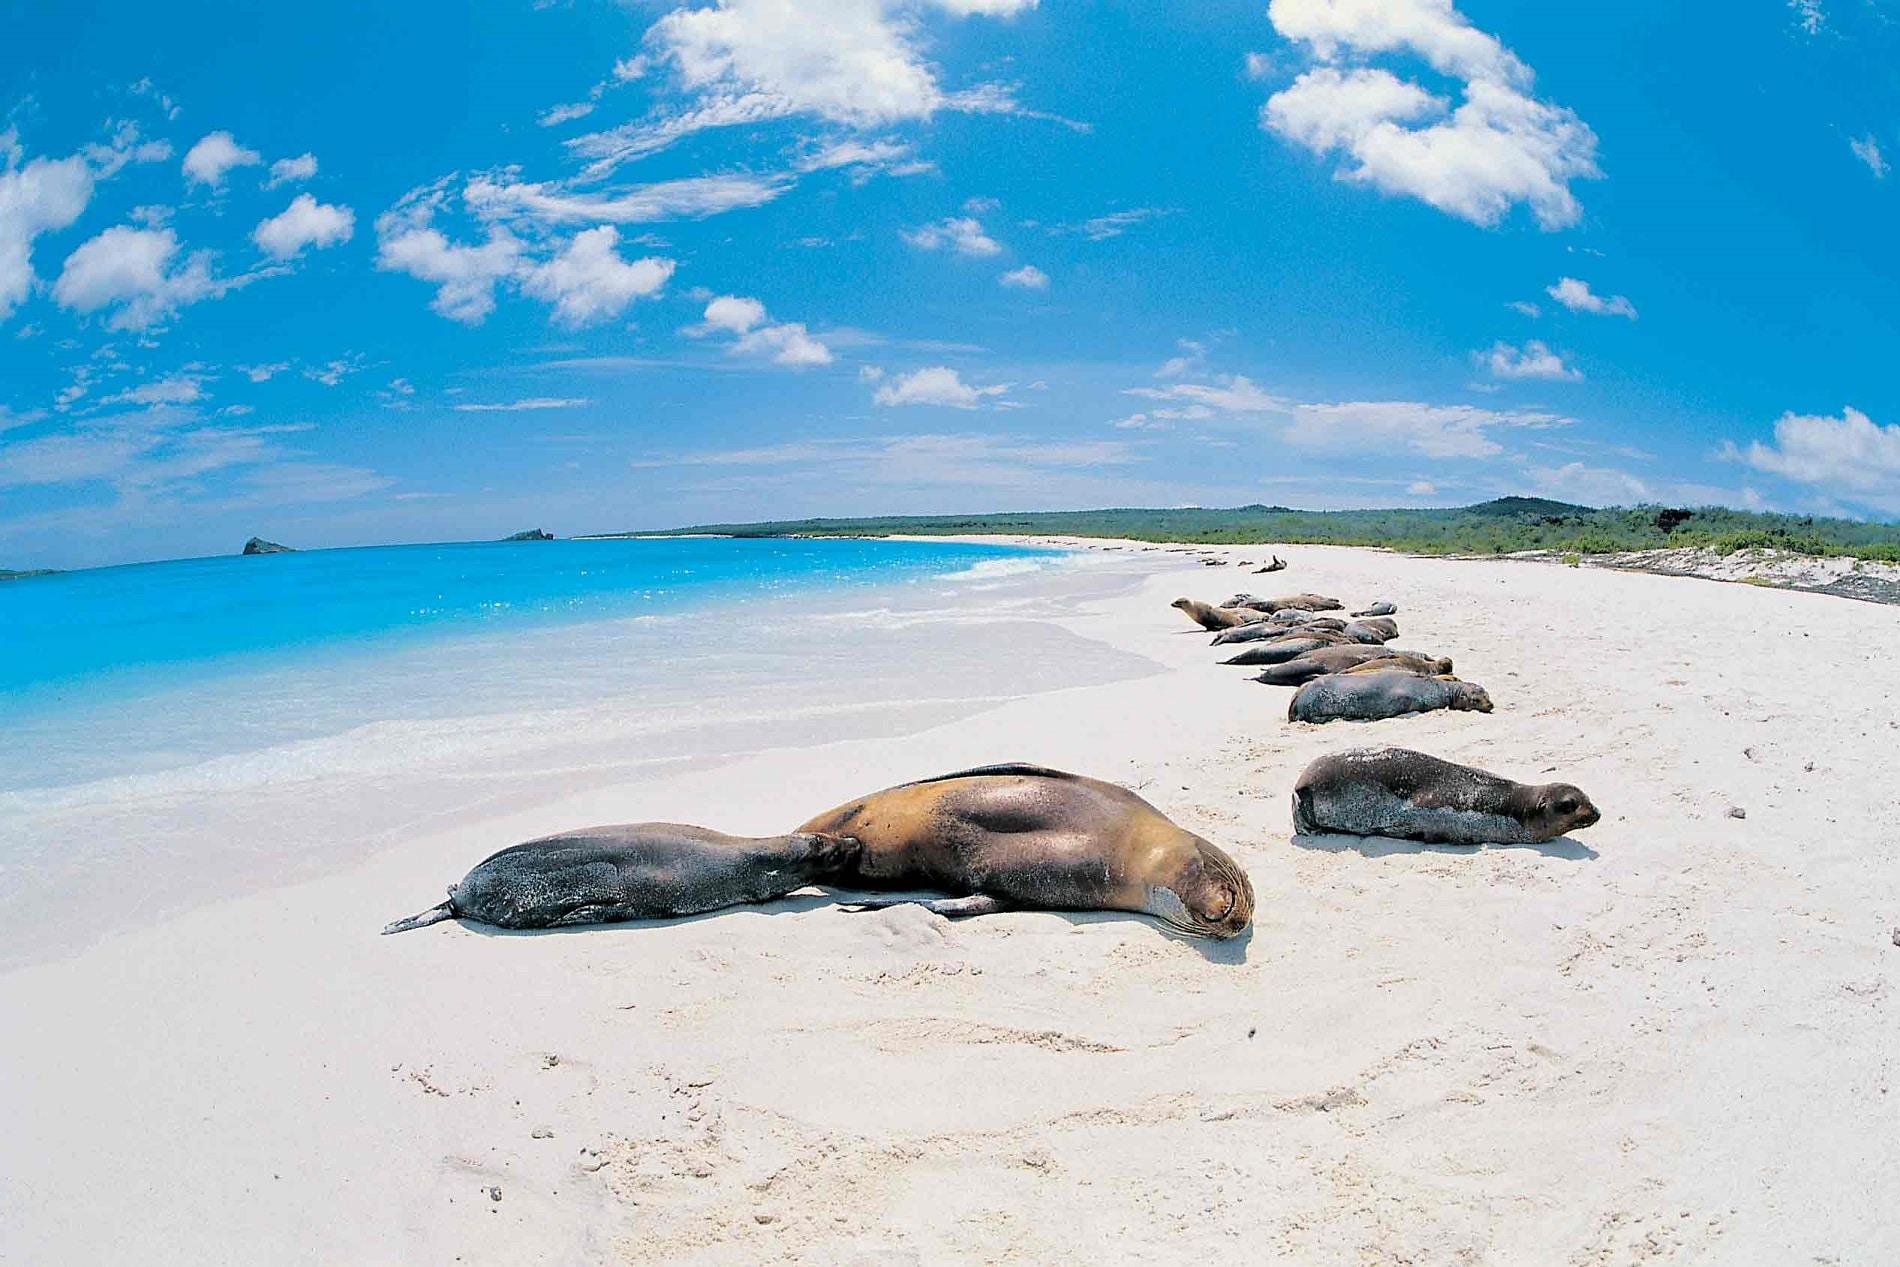 Insulele Gapalagos, declarate parc național găzduiesc sute de specii de animale